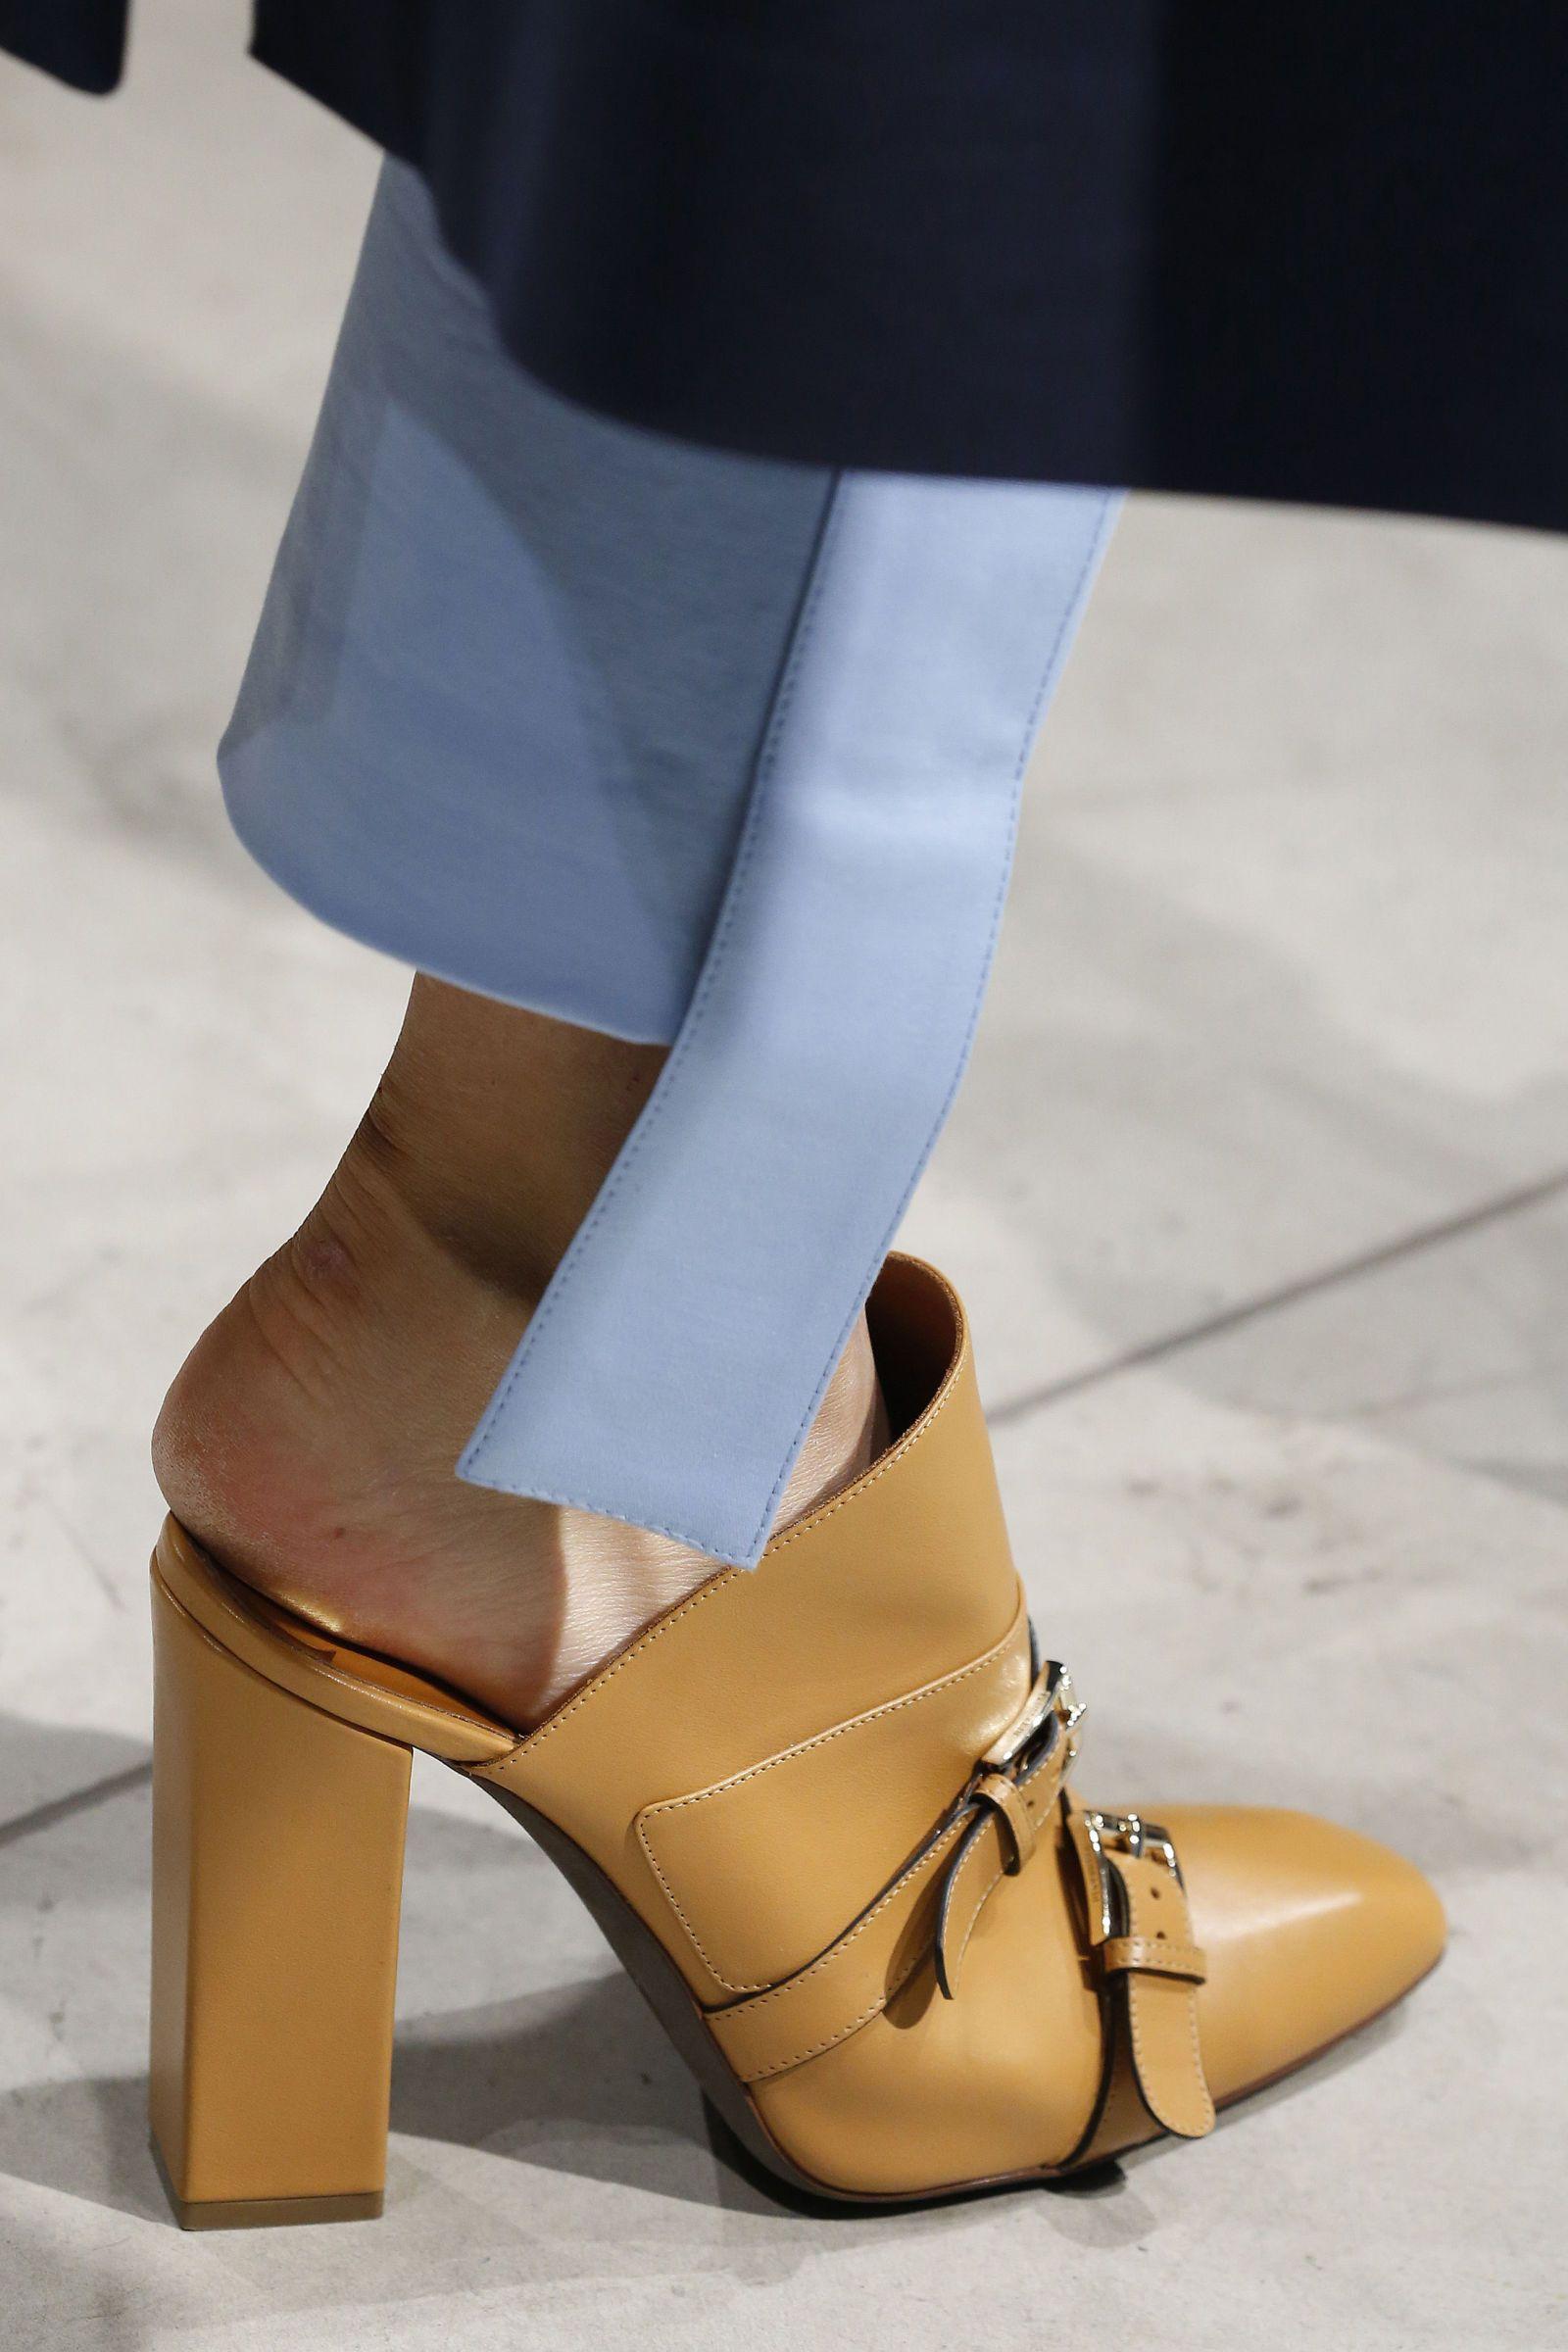 negozio online 7cc6d c9d7a Amore a prima vista: le scarpe firmate che ameremo in ...